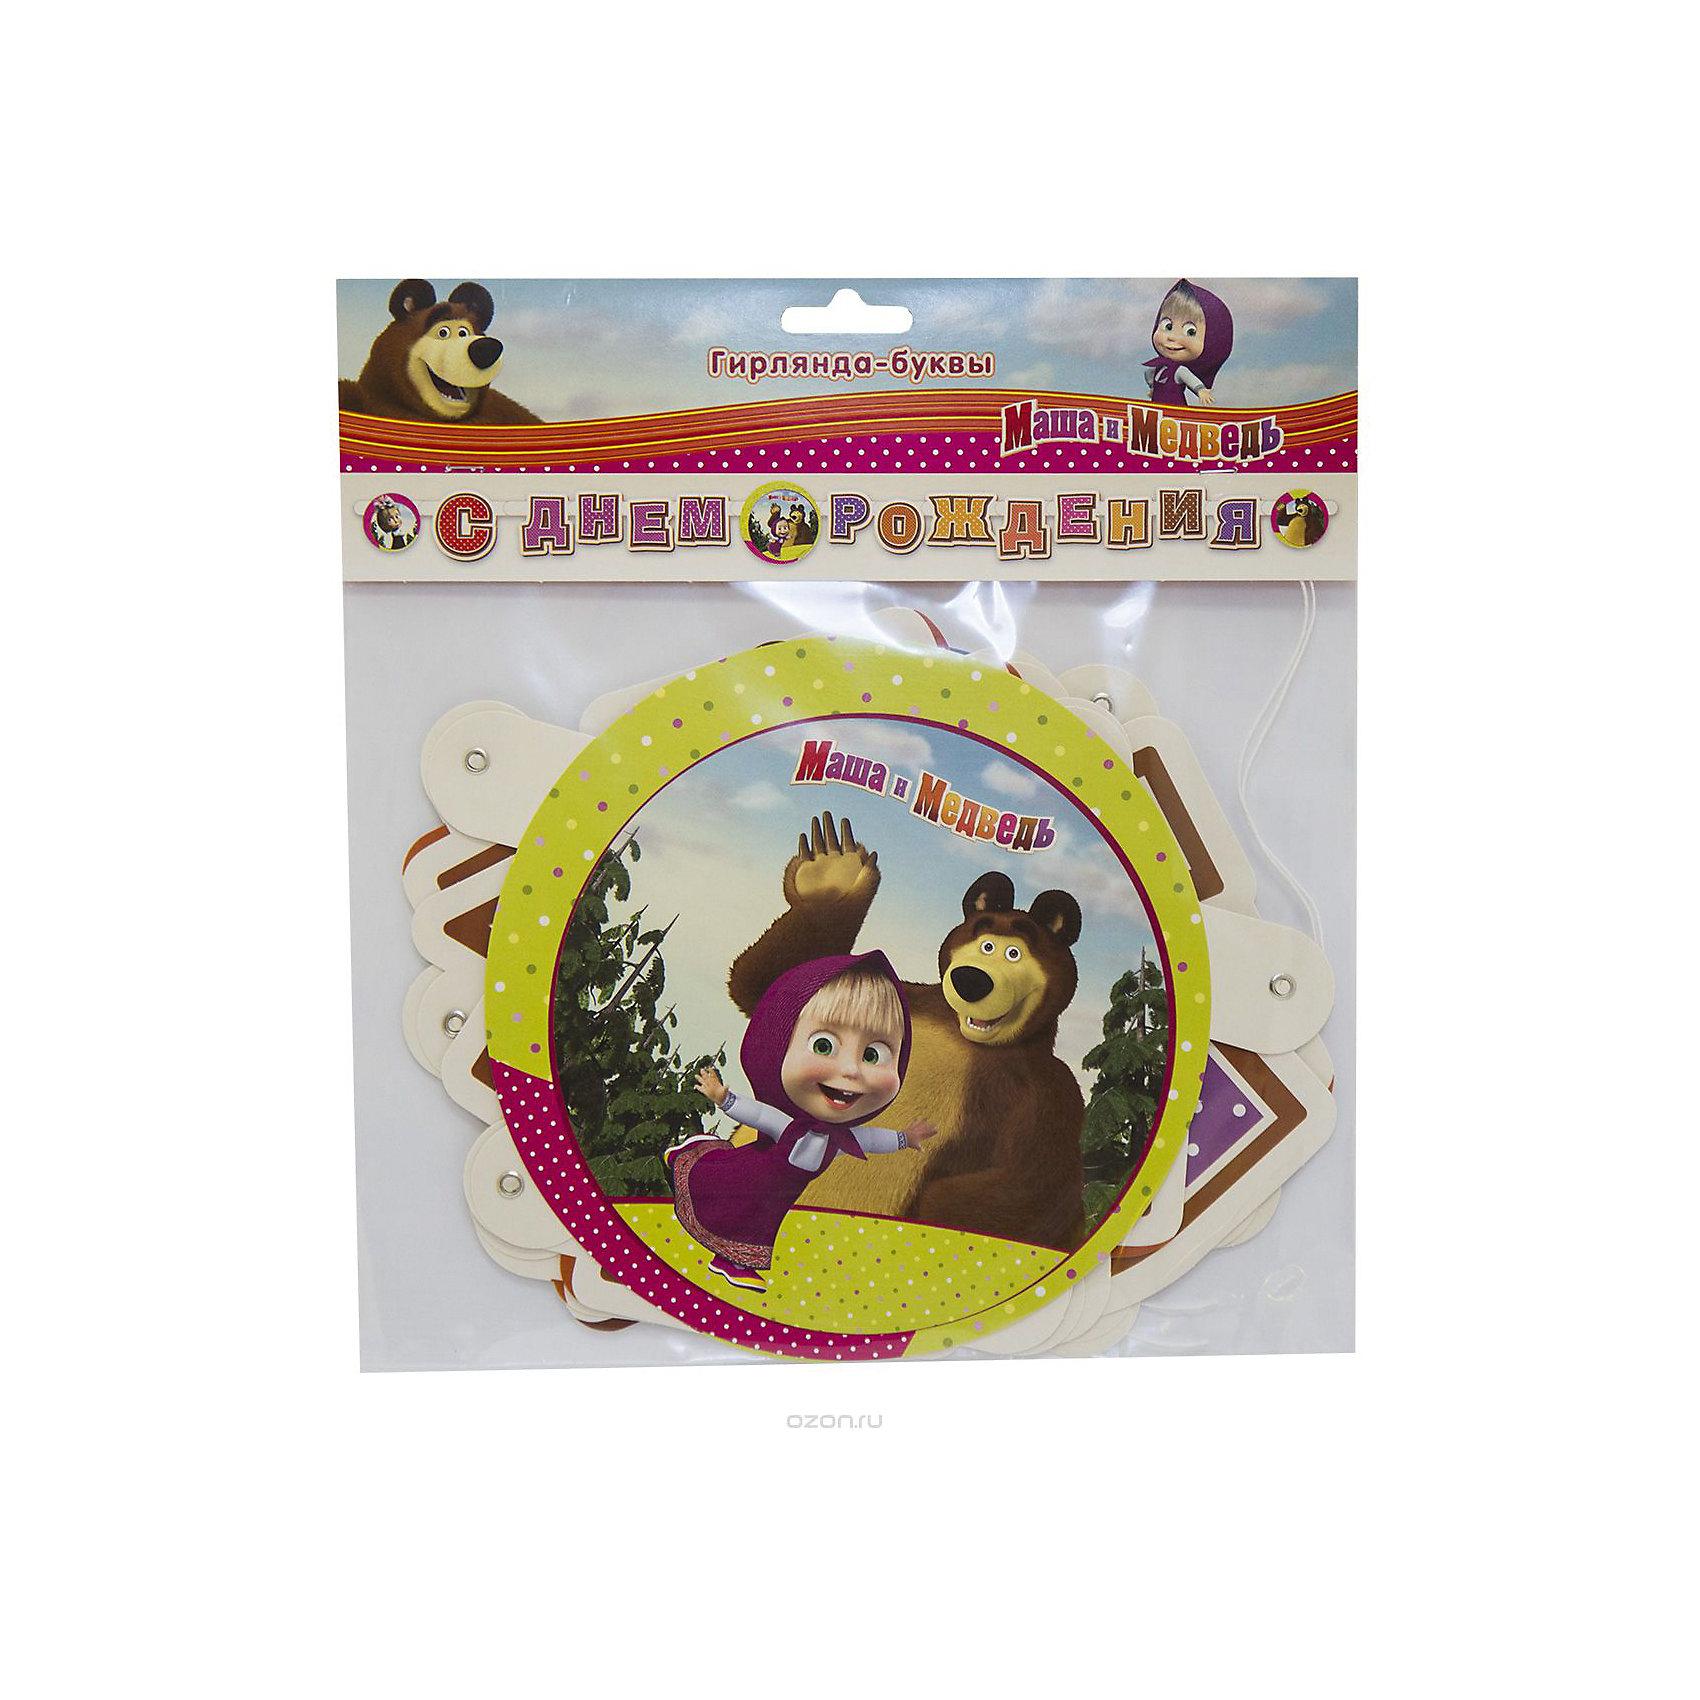 Гирлянда-буквы С Днем Рождения. Маша и Медведь, 200 см., Веселая ЗатеяВсё для праздника<br>Гирлянда-буквы С Днем Рождения. Маша и Медведь, 200 см., Веселая Затея<br><br>Характеристики:<br><br>• Размер: 200 см<br>• Цвет: разноцветный<br>• Слово: «С днем Рождения»<br><br>Эта замечательная праздничная гирлянда позволит вам украсить ваш дом к празднику. Яркость надписи «С днем Рождения» однозначно сможет сделать дом именинника торжественным и красивым. Ее длина – 200 сантиметров, что не даст ей затеряться на фоне других праздничных атрибутов, либо же сделает ее самодостаточным украшением для особого дня. <br><br>Гирлянда-буквы С Днем Рождения. Маша и Медведь, 200 см., Веселая Затея можно купить в нашем интернет-магазине.<br><br>Ширина мм: 270<br>Глубина мм: 350<br>Высота мм: 30<br>Вес г: 80<br>Возраст от месяцев: 36<br>Возраст до месяцев: 2147483647<br>Пол: Унисекс<br>Возраст: Детский<br>SKU: 5445417